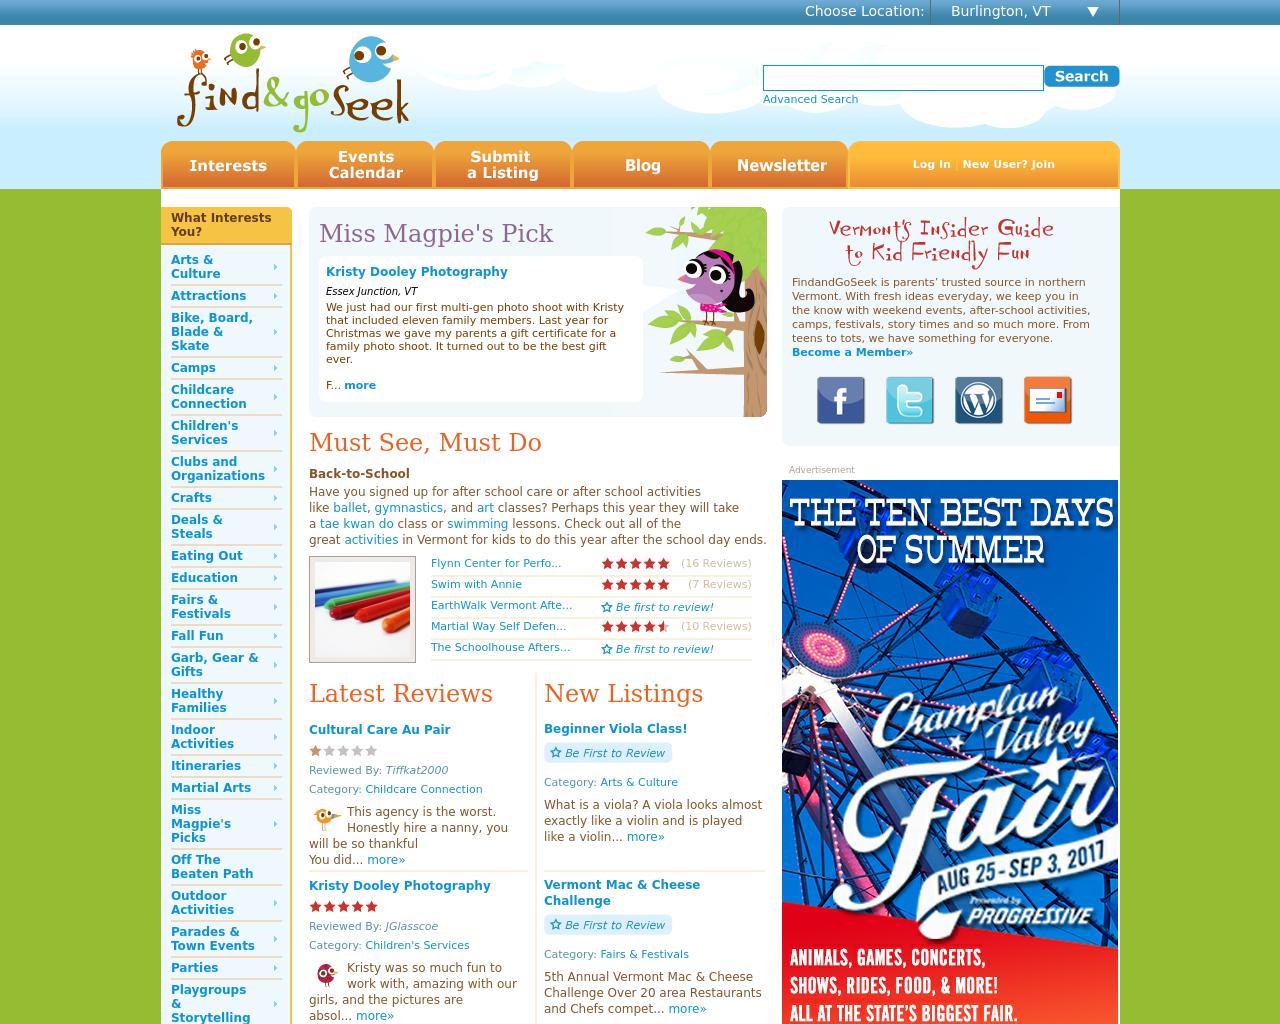 Find-&-Go-Seek-Advertising-Reviews-Pricing